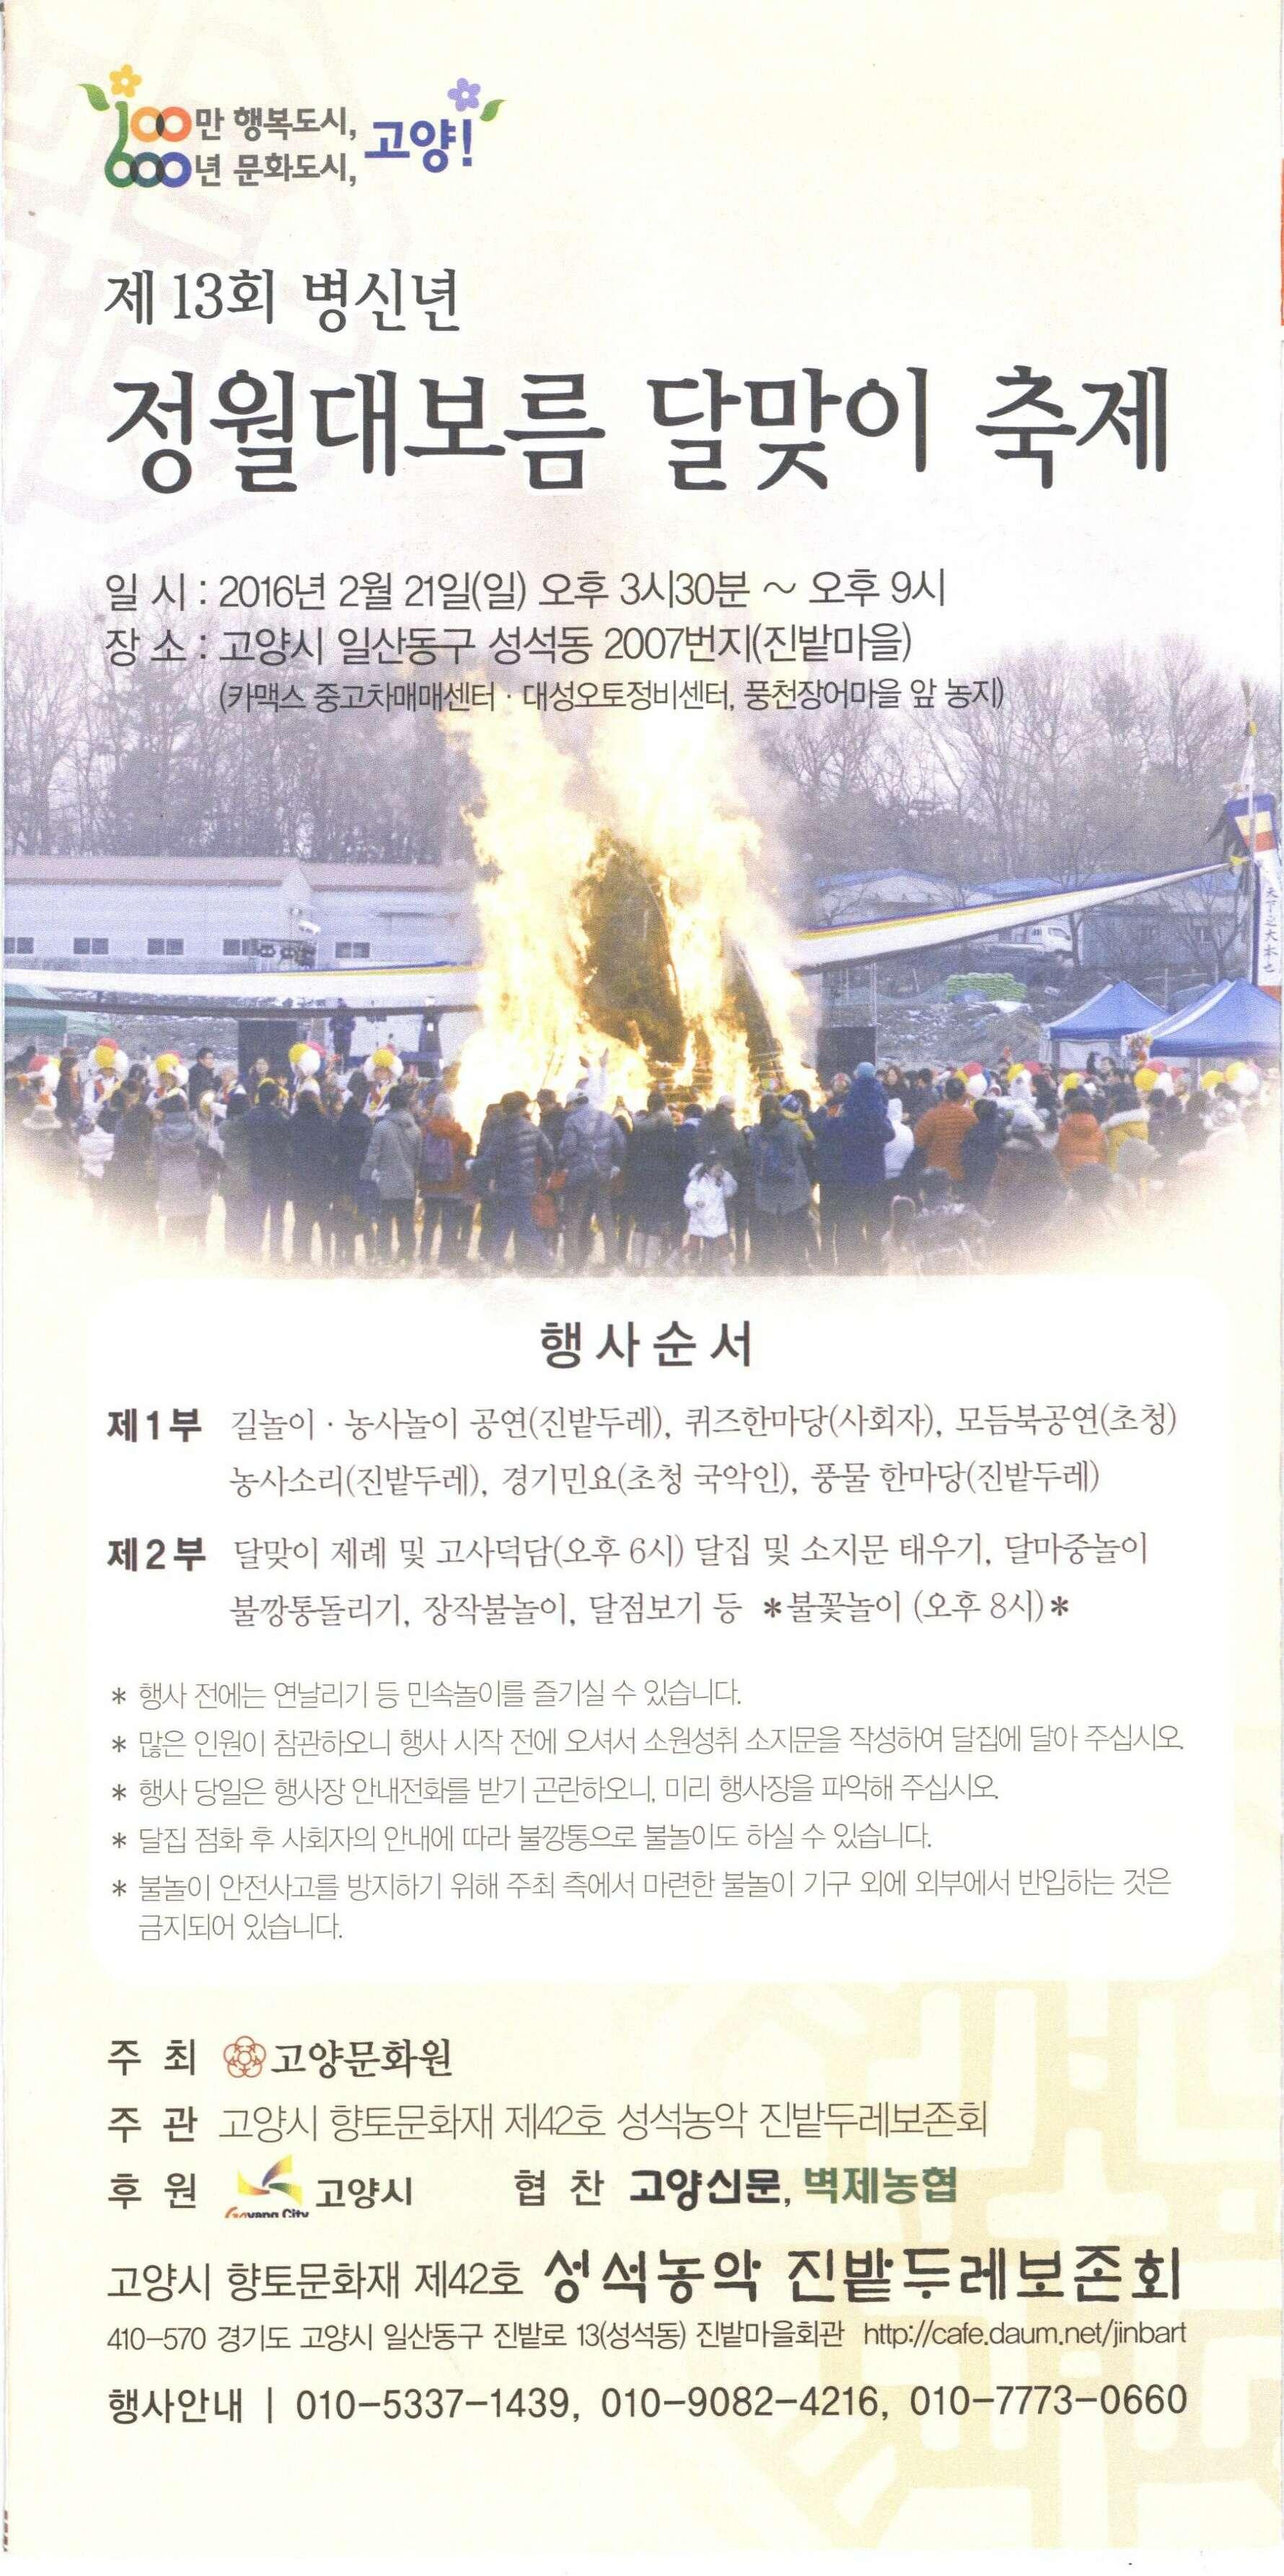 제13회 병신년 정월대보름 달맞이 축제